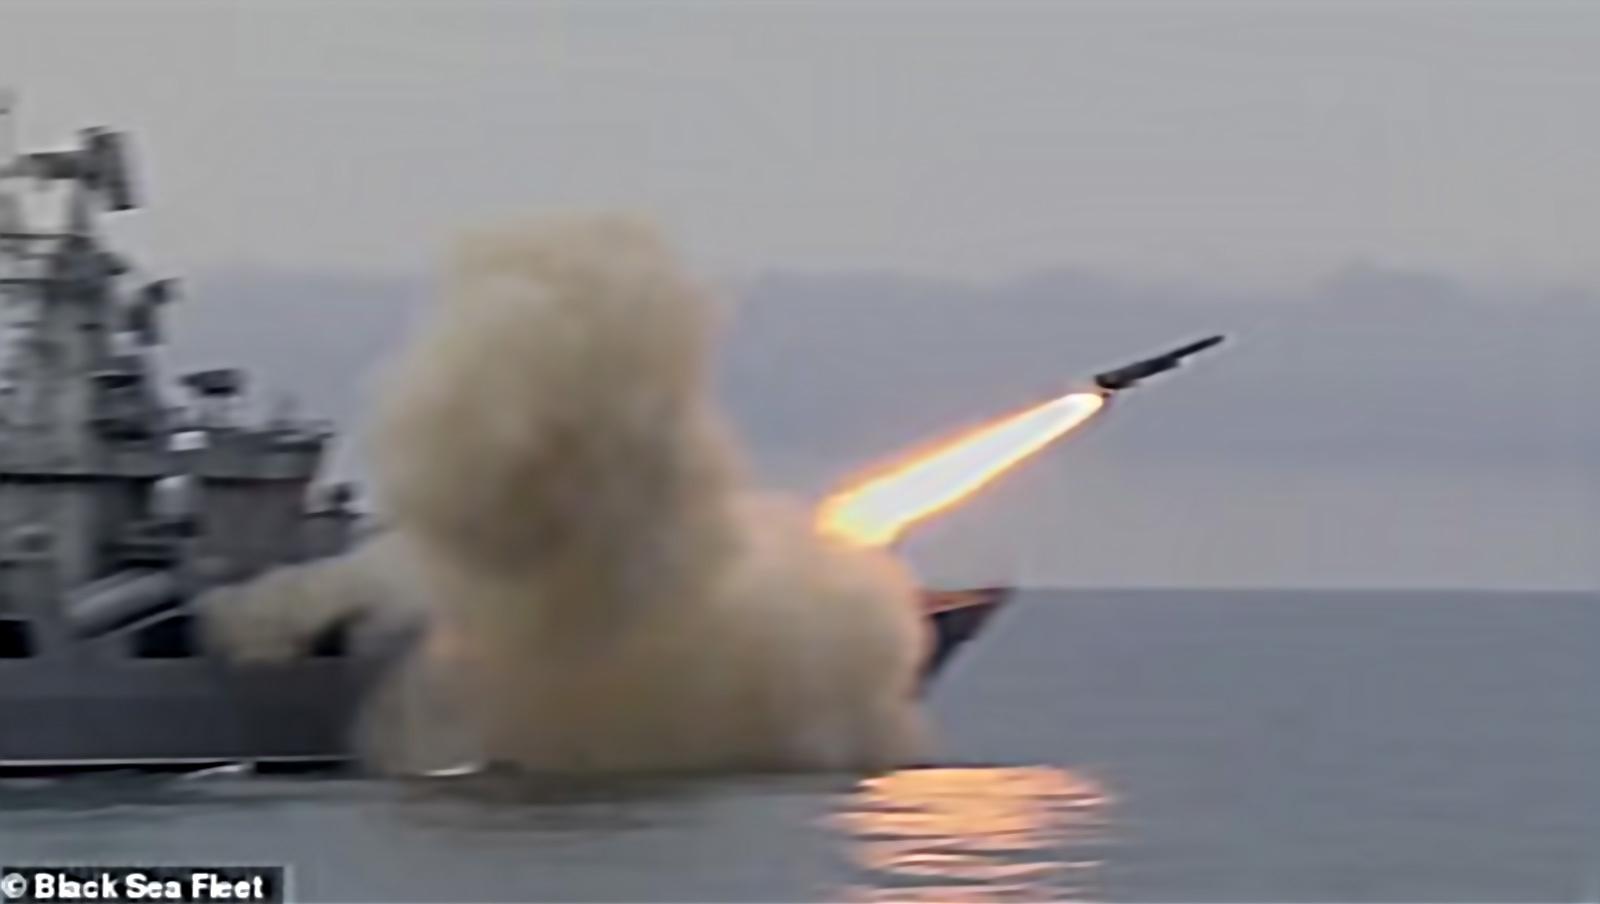 Les tirs de Vulkan interviennent peu de temps avant l'arrivée de deux navires de guerre de la Royal Navy au milieu d'une profonde tension en Ukraine par crainte d'une invasion russe. Photo : dailymail.co.uk.